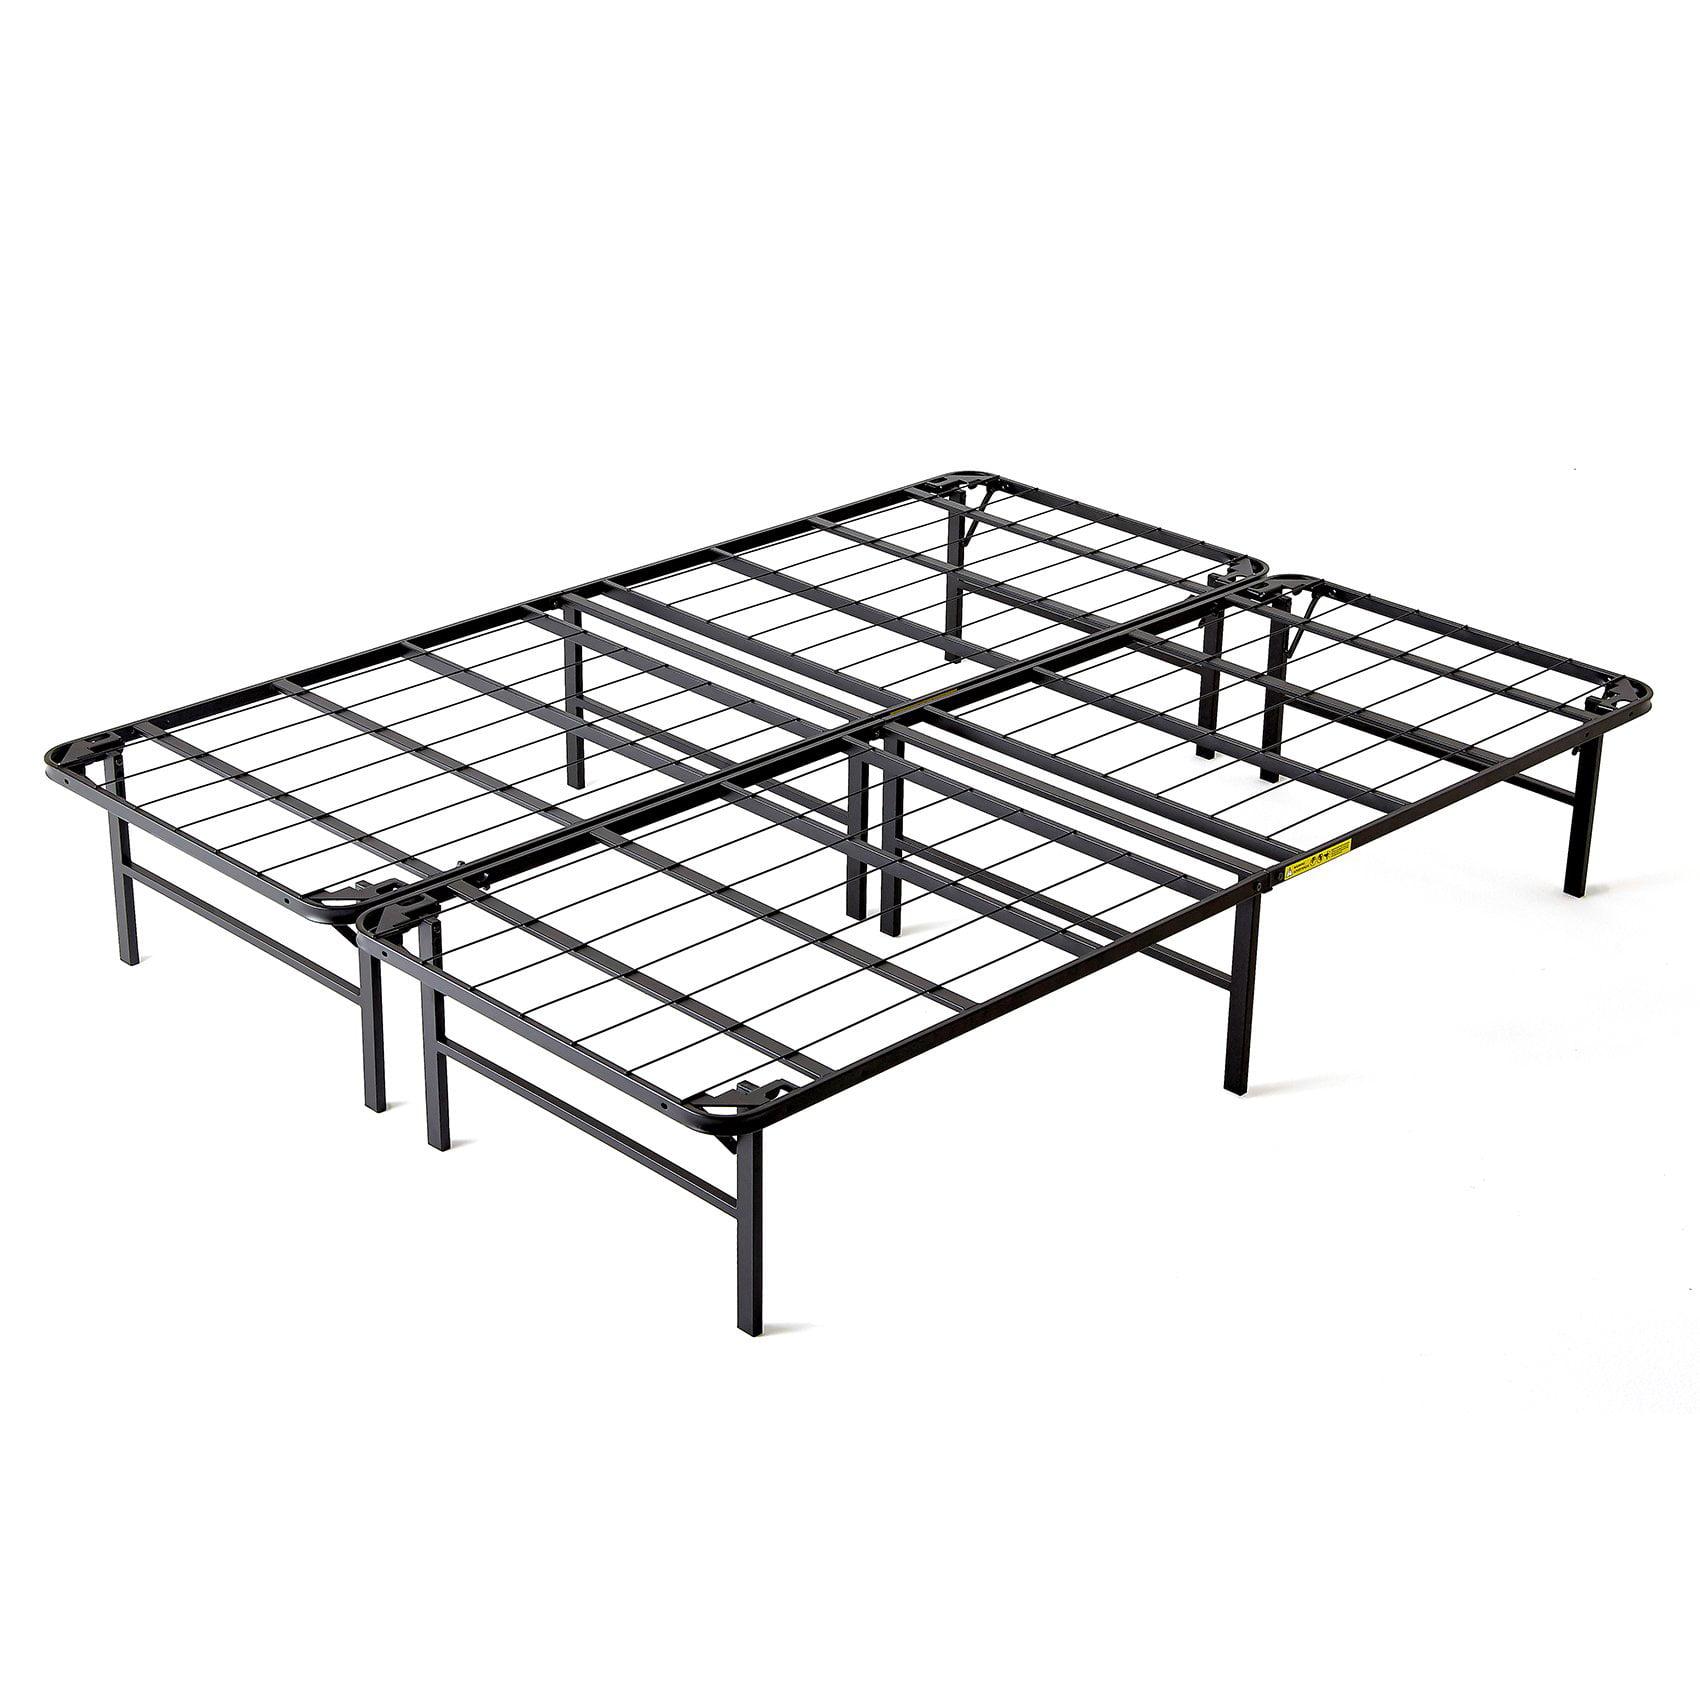 intelliBASE Lightweight Easy Set Up Bi-Fold Platform Metal Bed Frame, Full